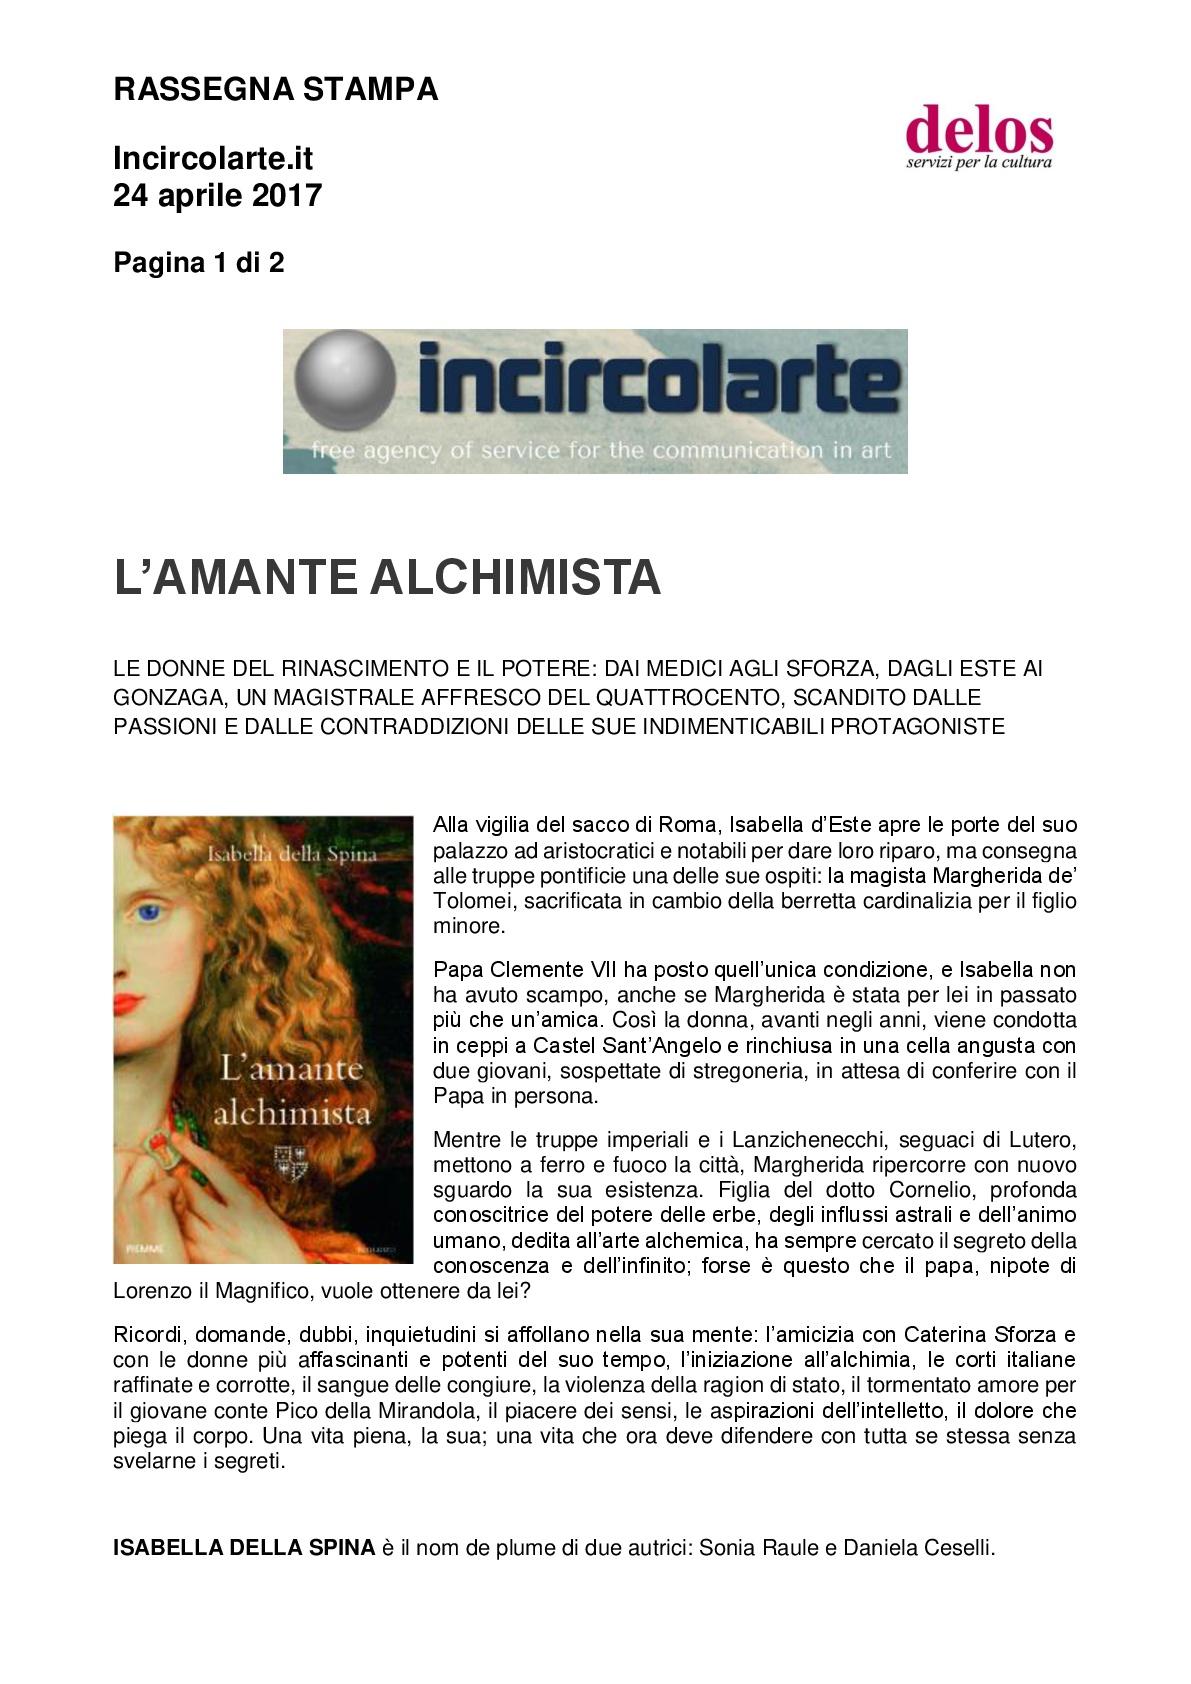 Incircolarte.it 24-04-2017 001